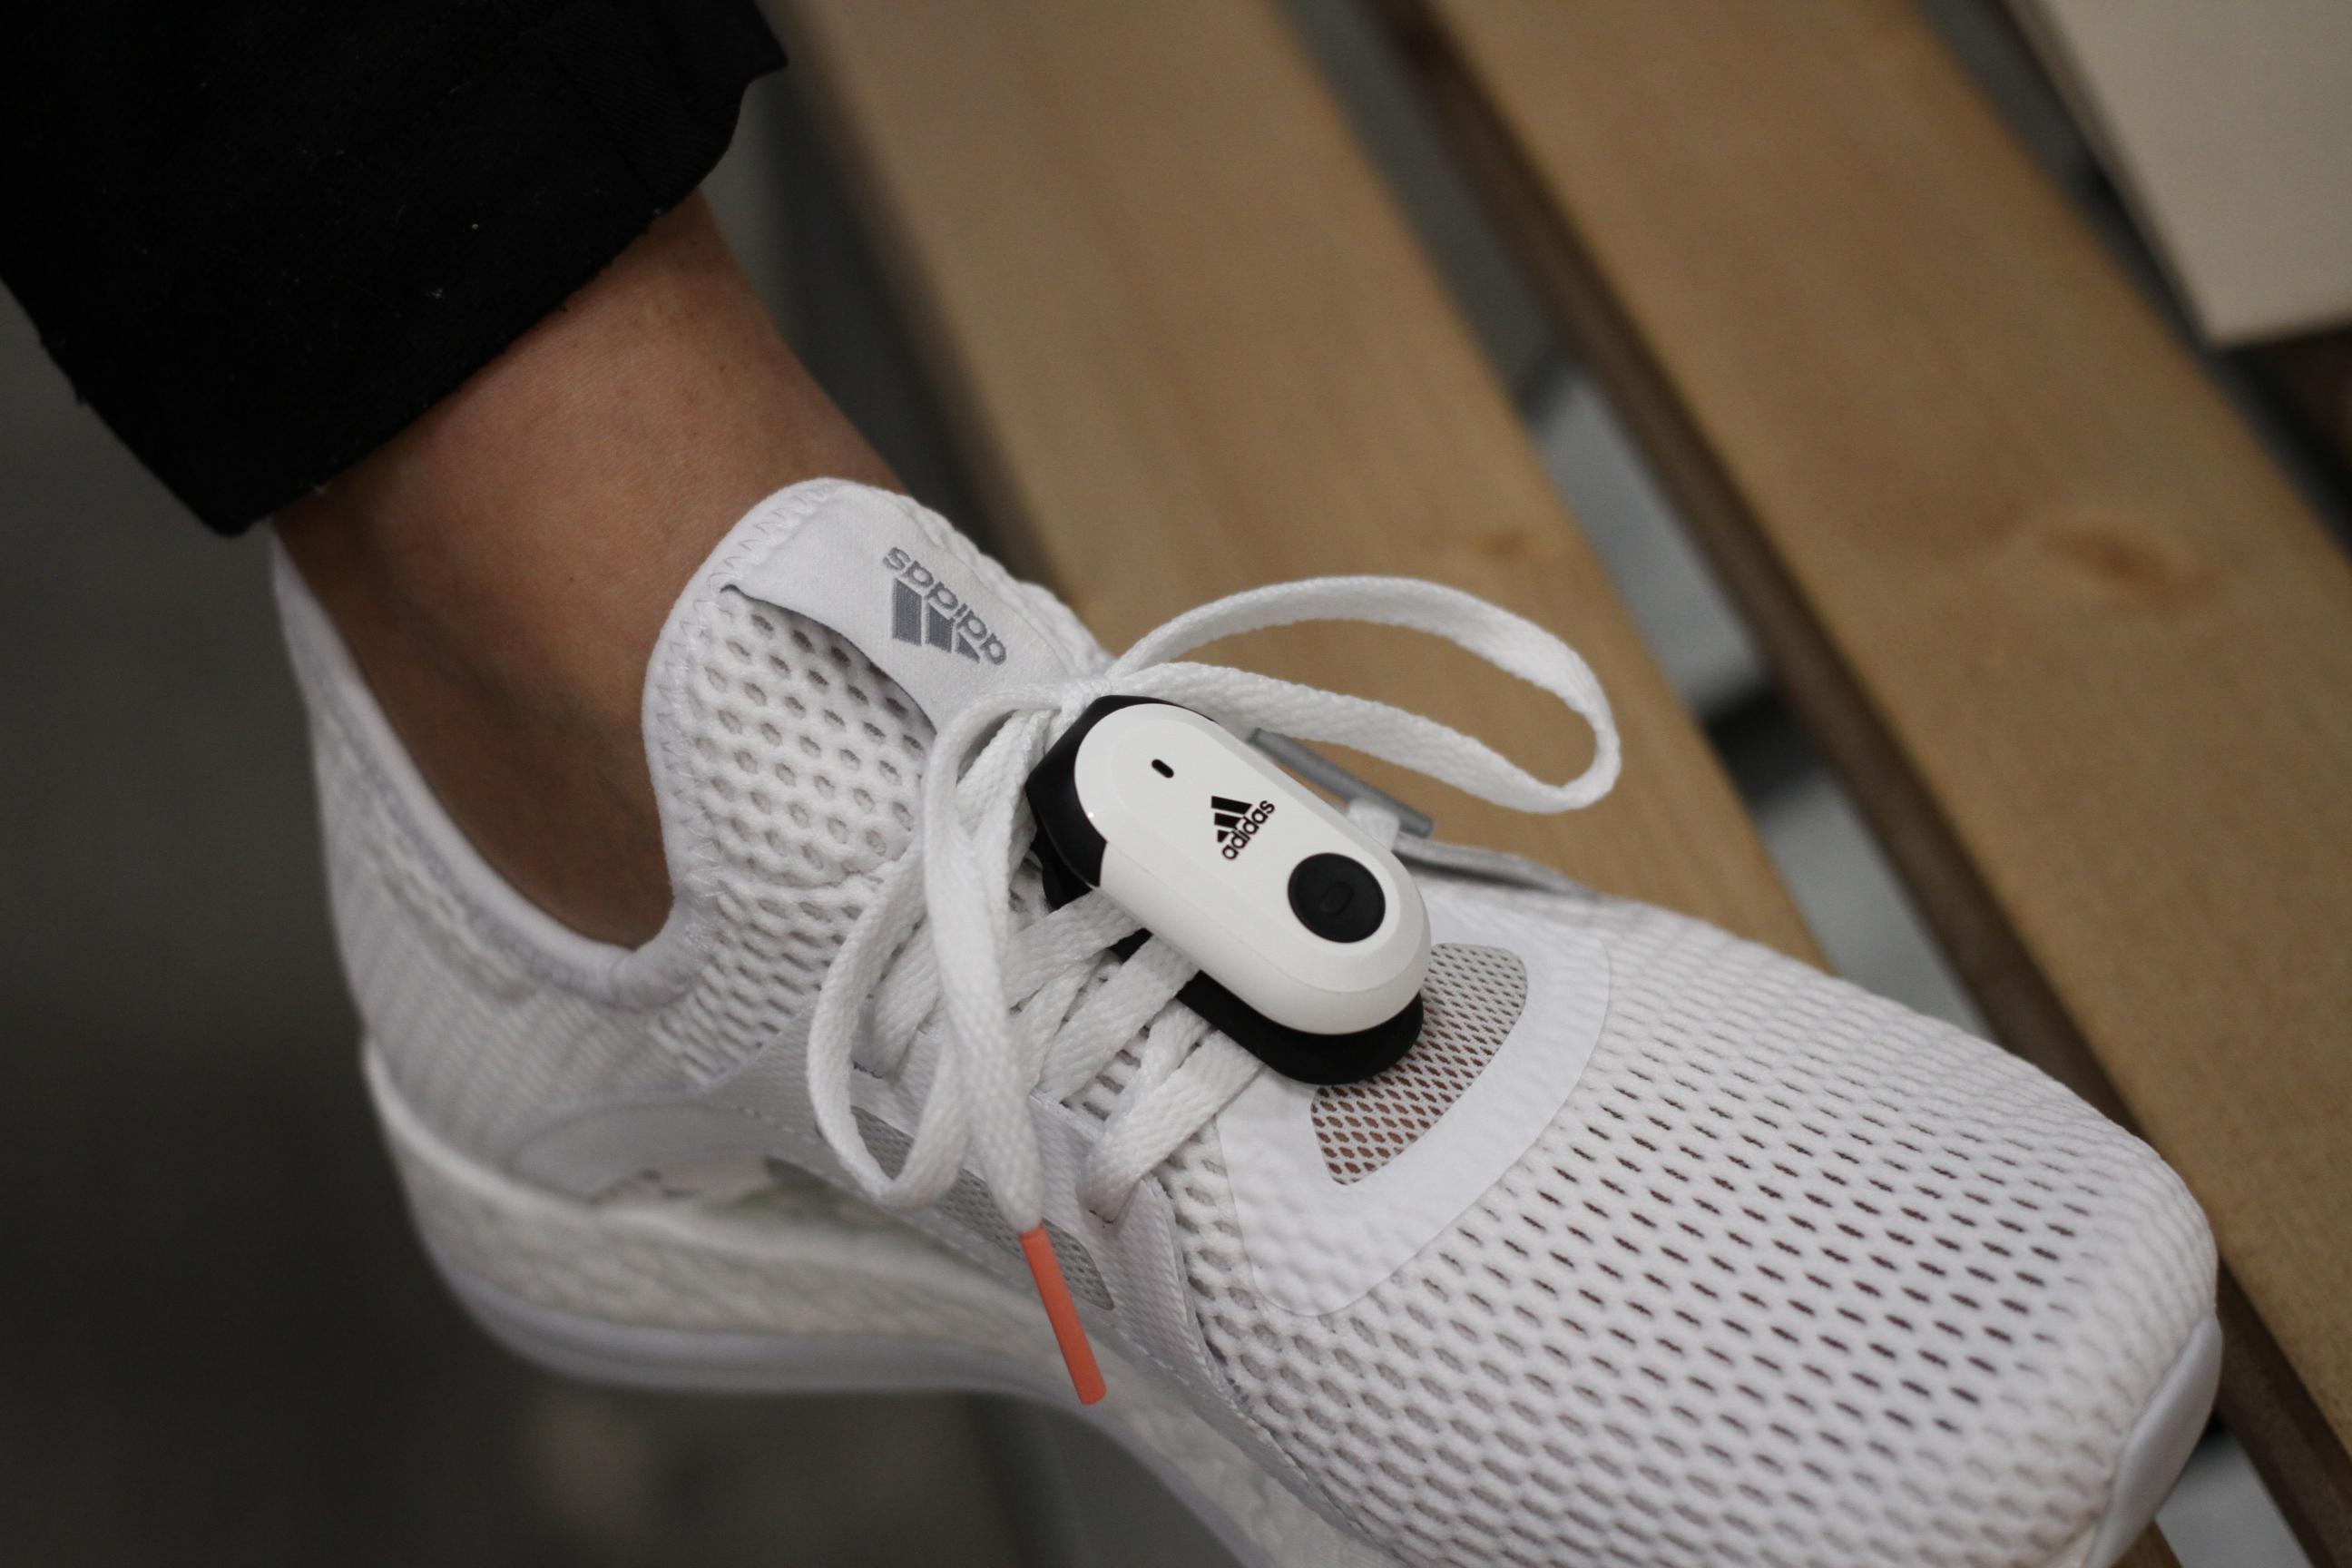 Adidas ofrecerá corredores con zapato usado sensores en el analisis de la marcha